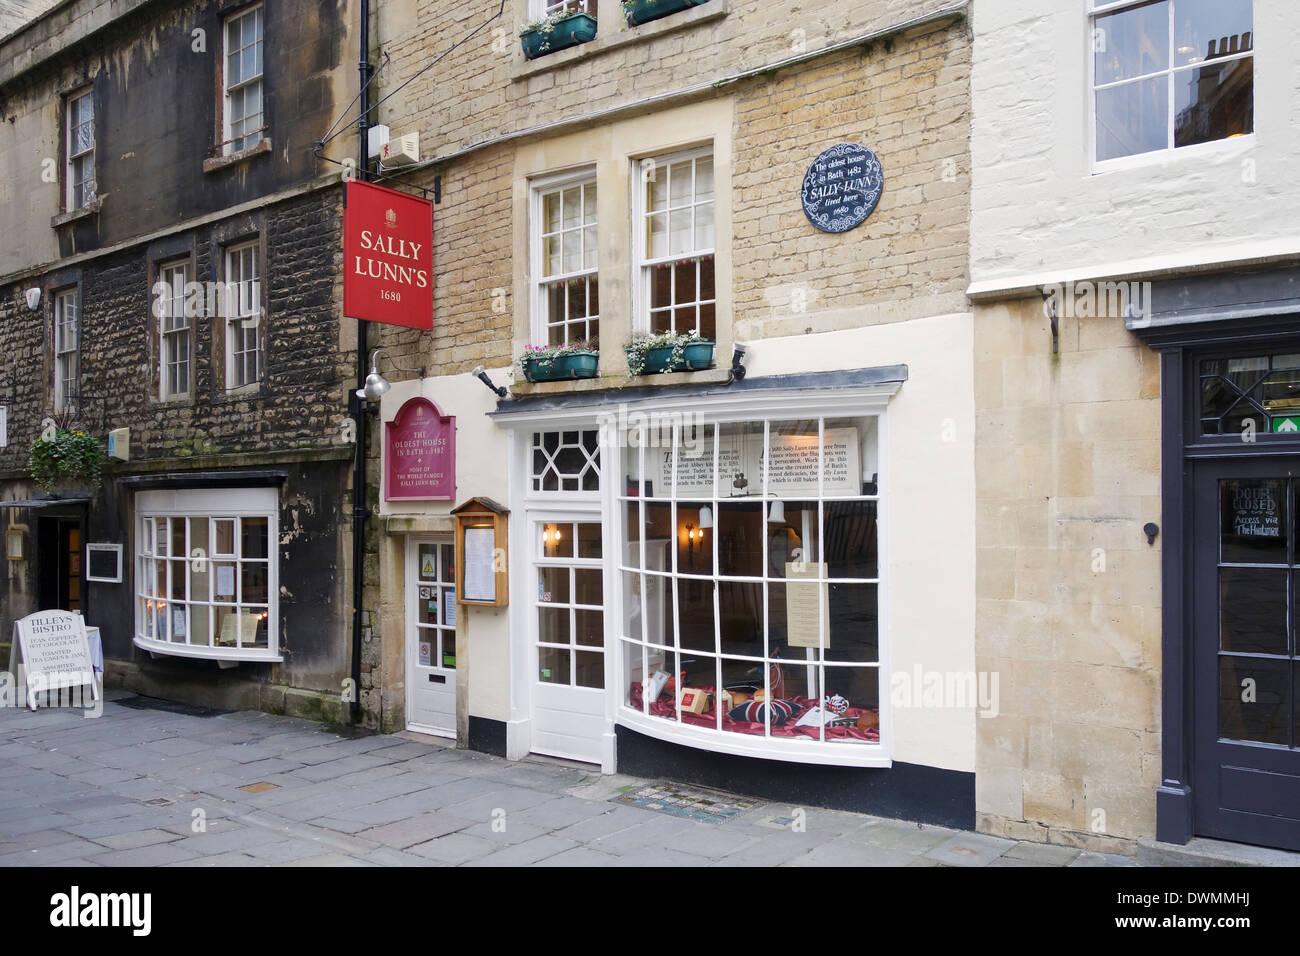 Sally Lunns tea room, Bath, England Stock Photo